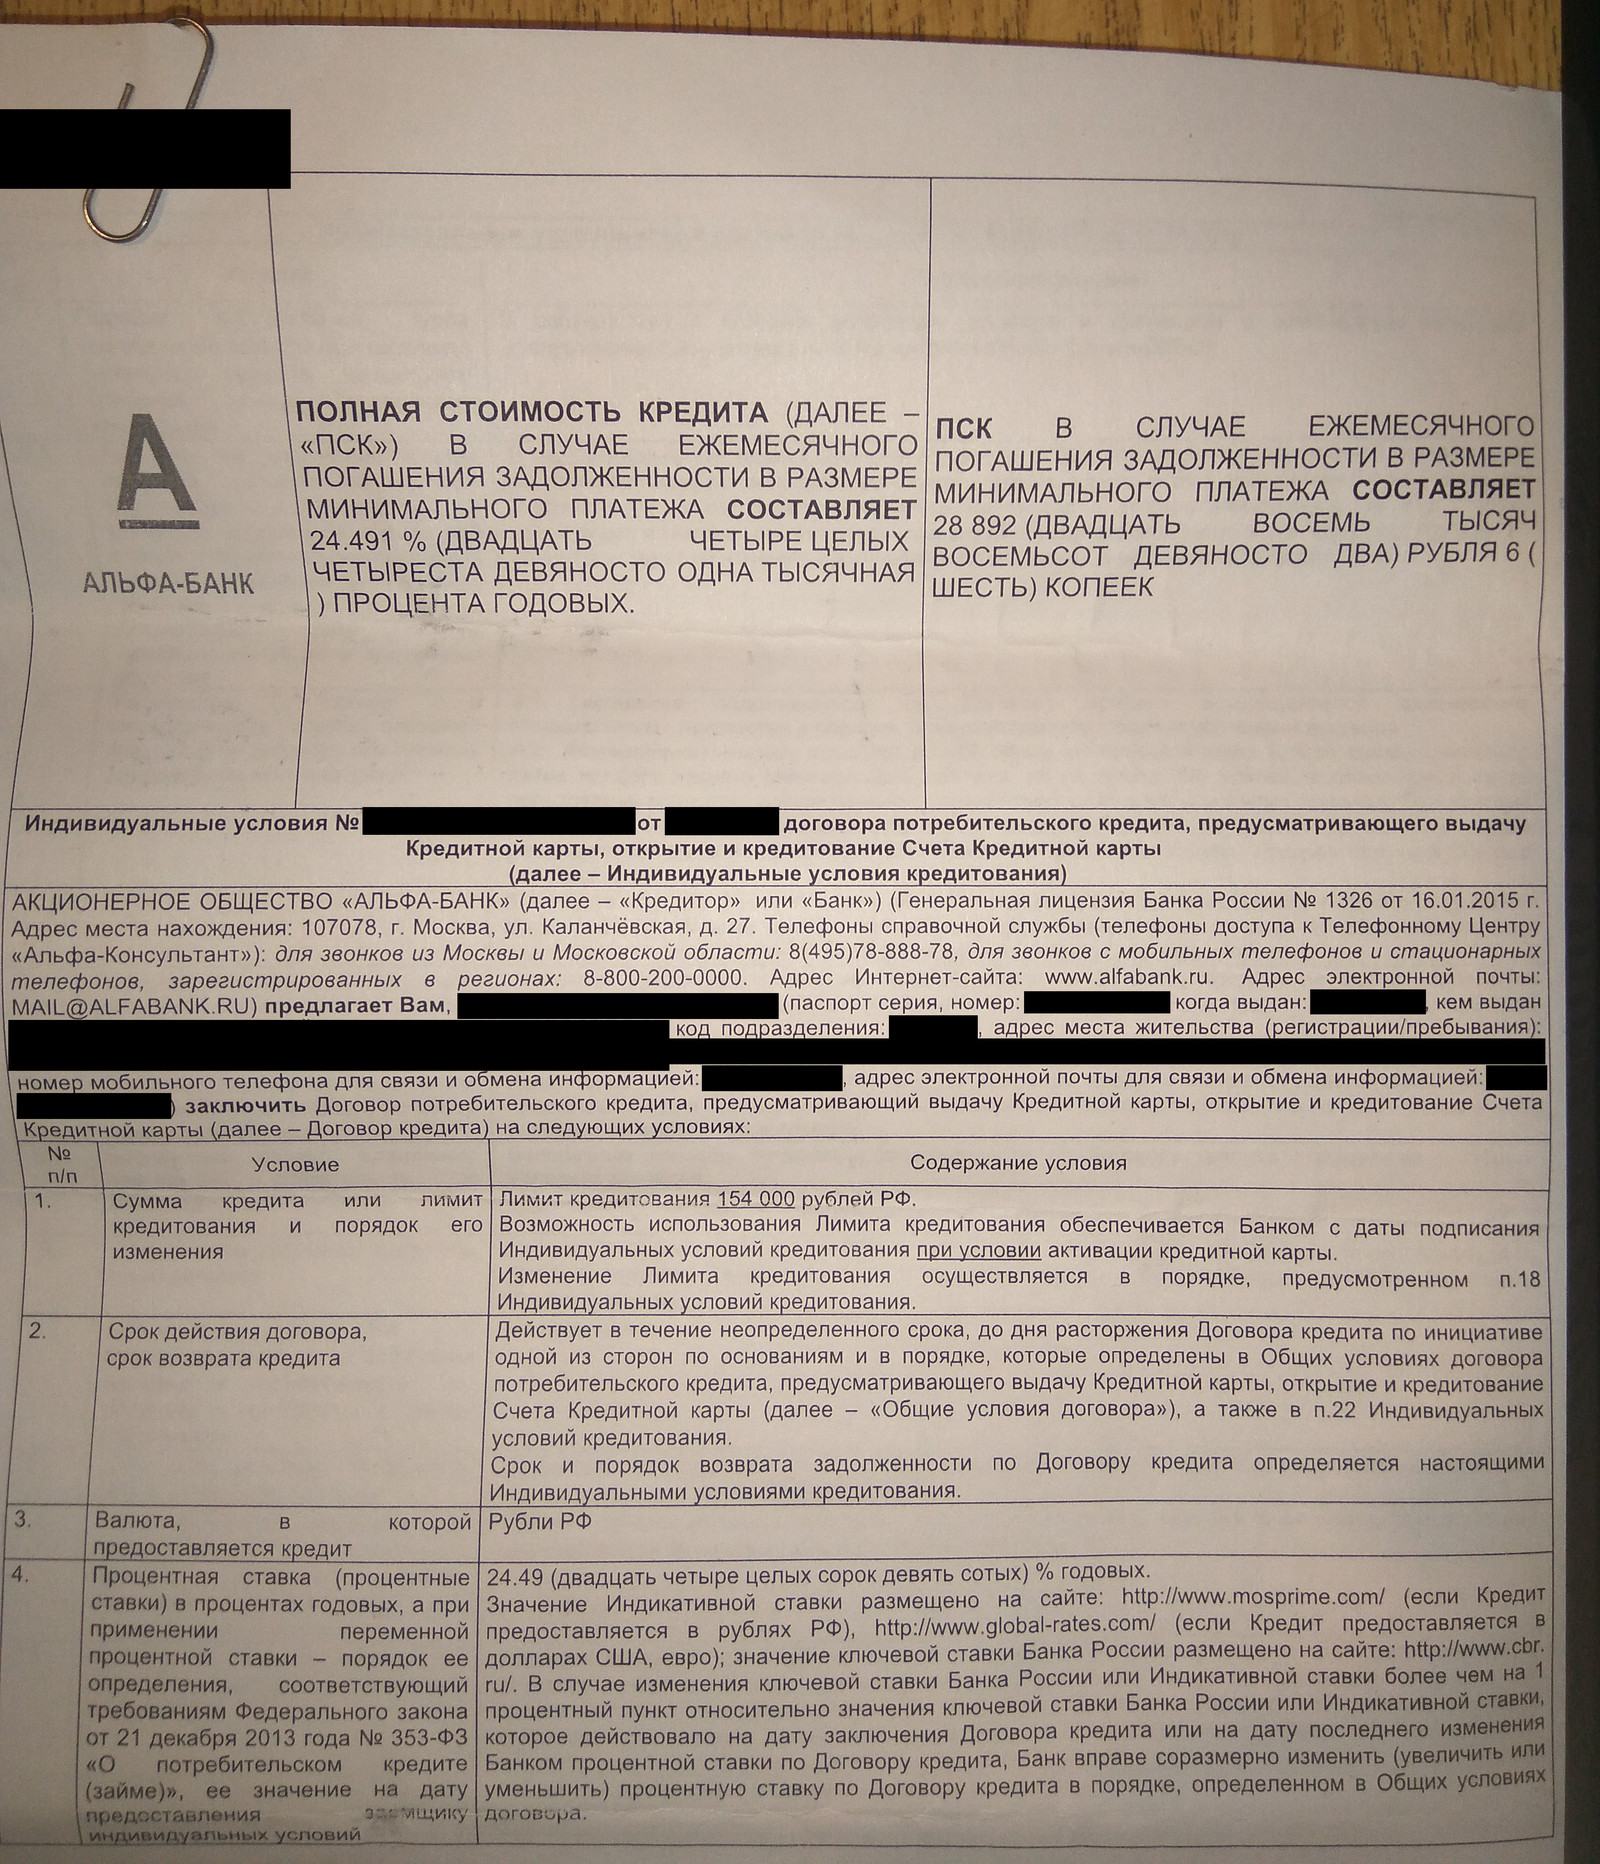 кто выдает кредит в банке должность новый онлайн кредит на карту vam-groshi.com.ua